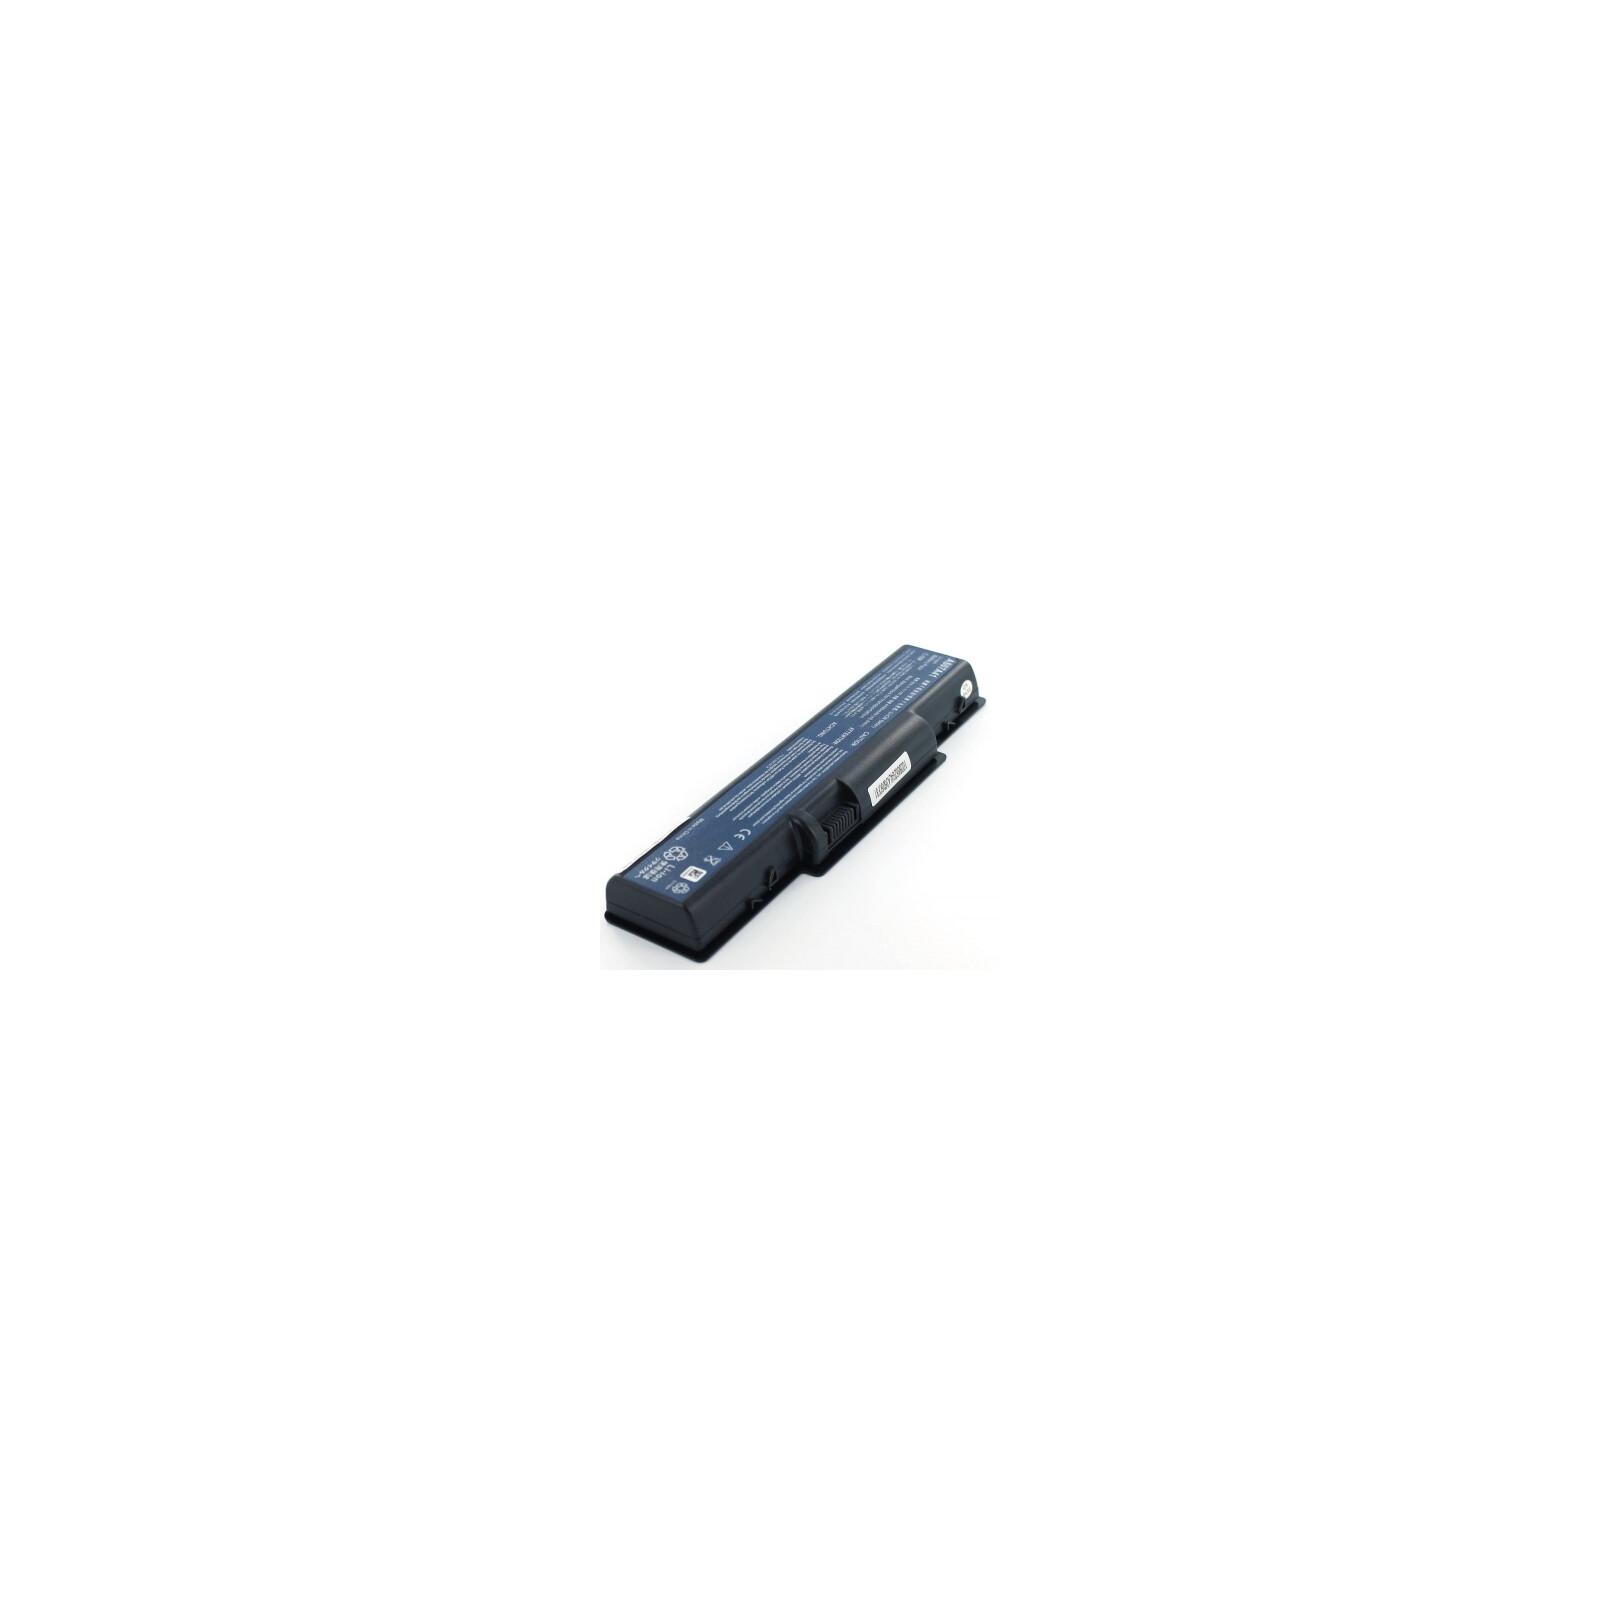 AGI Akku Acer Aspire 5738 ZG-424 4.400mAh